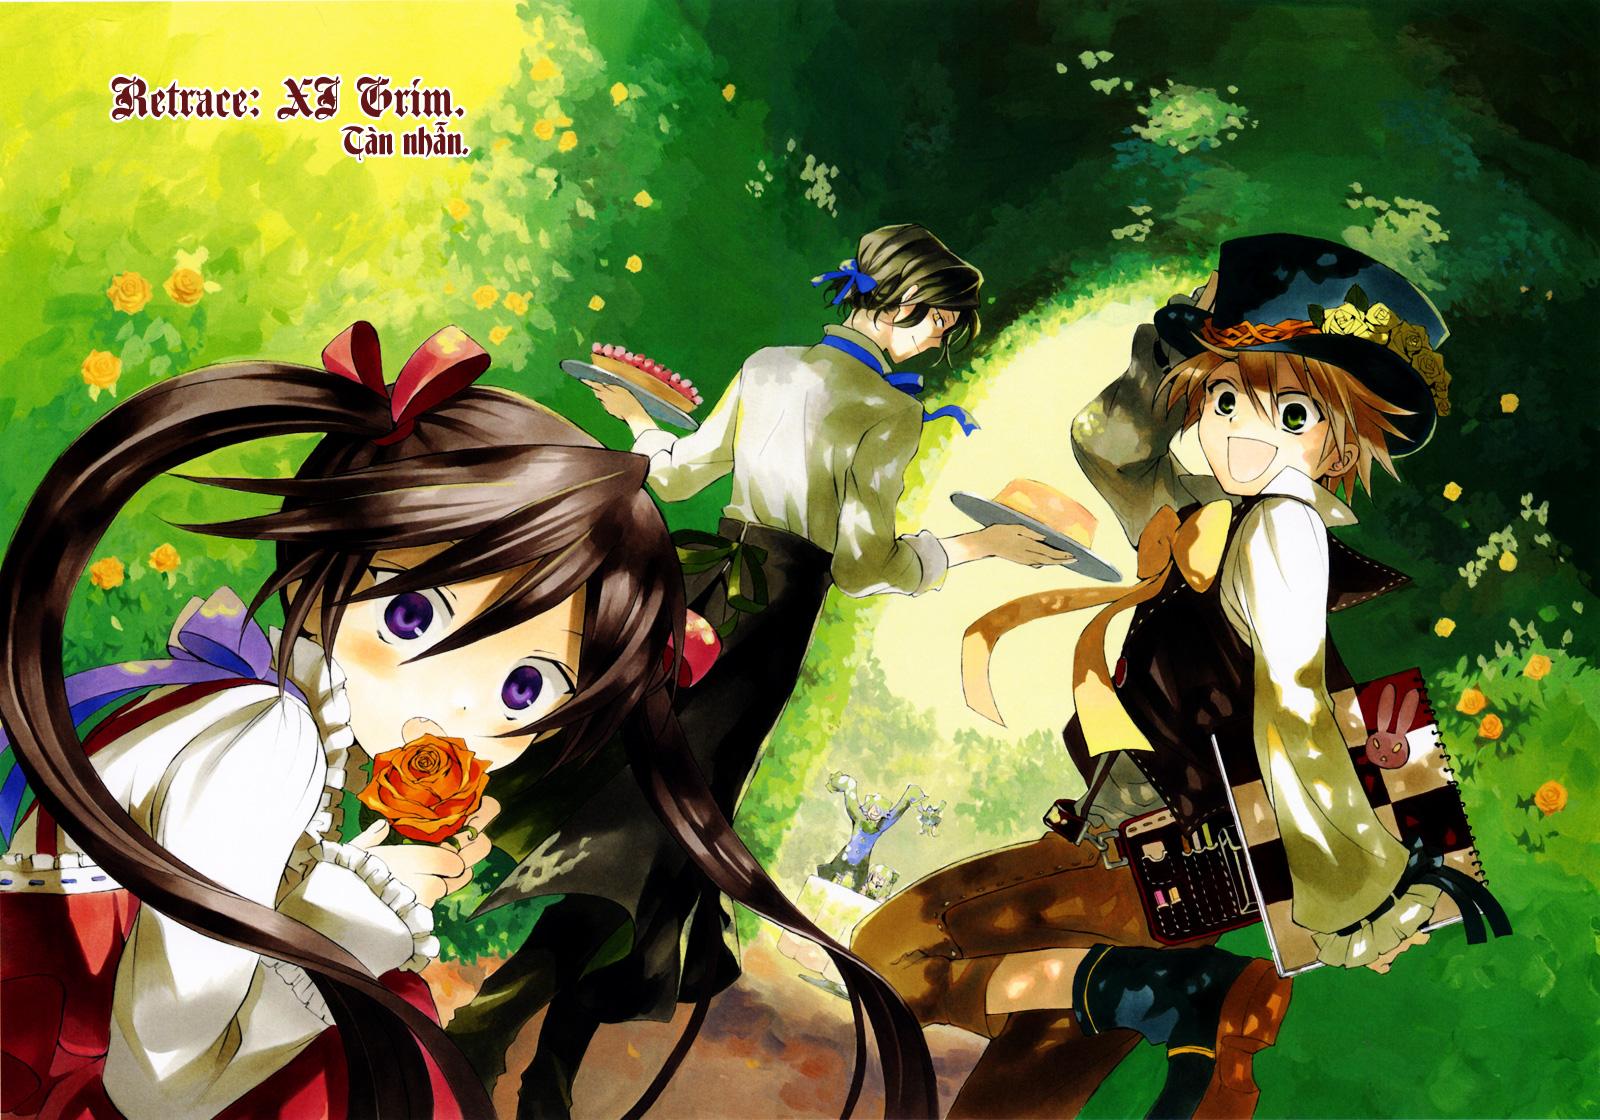 Pandora Hearts chương 011 - retrace: xi grim trang 2